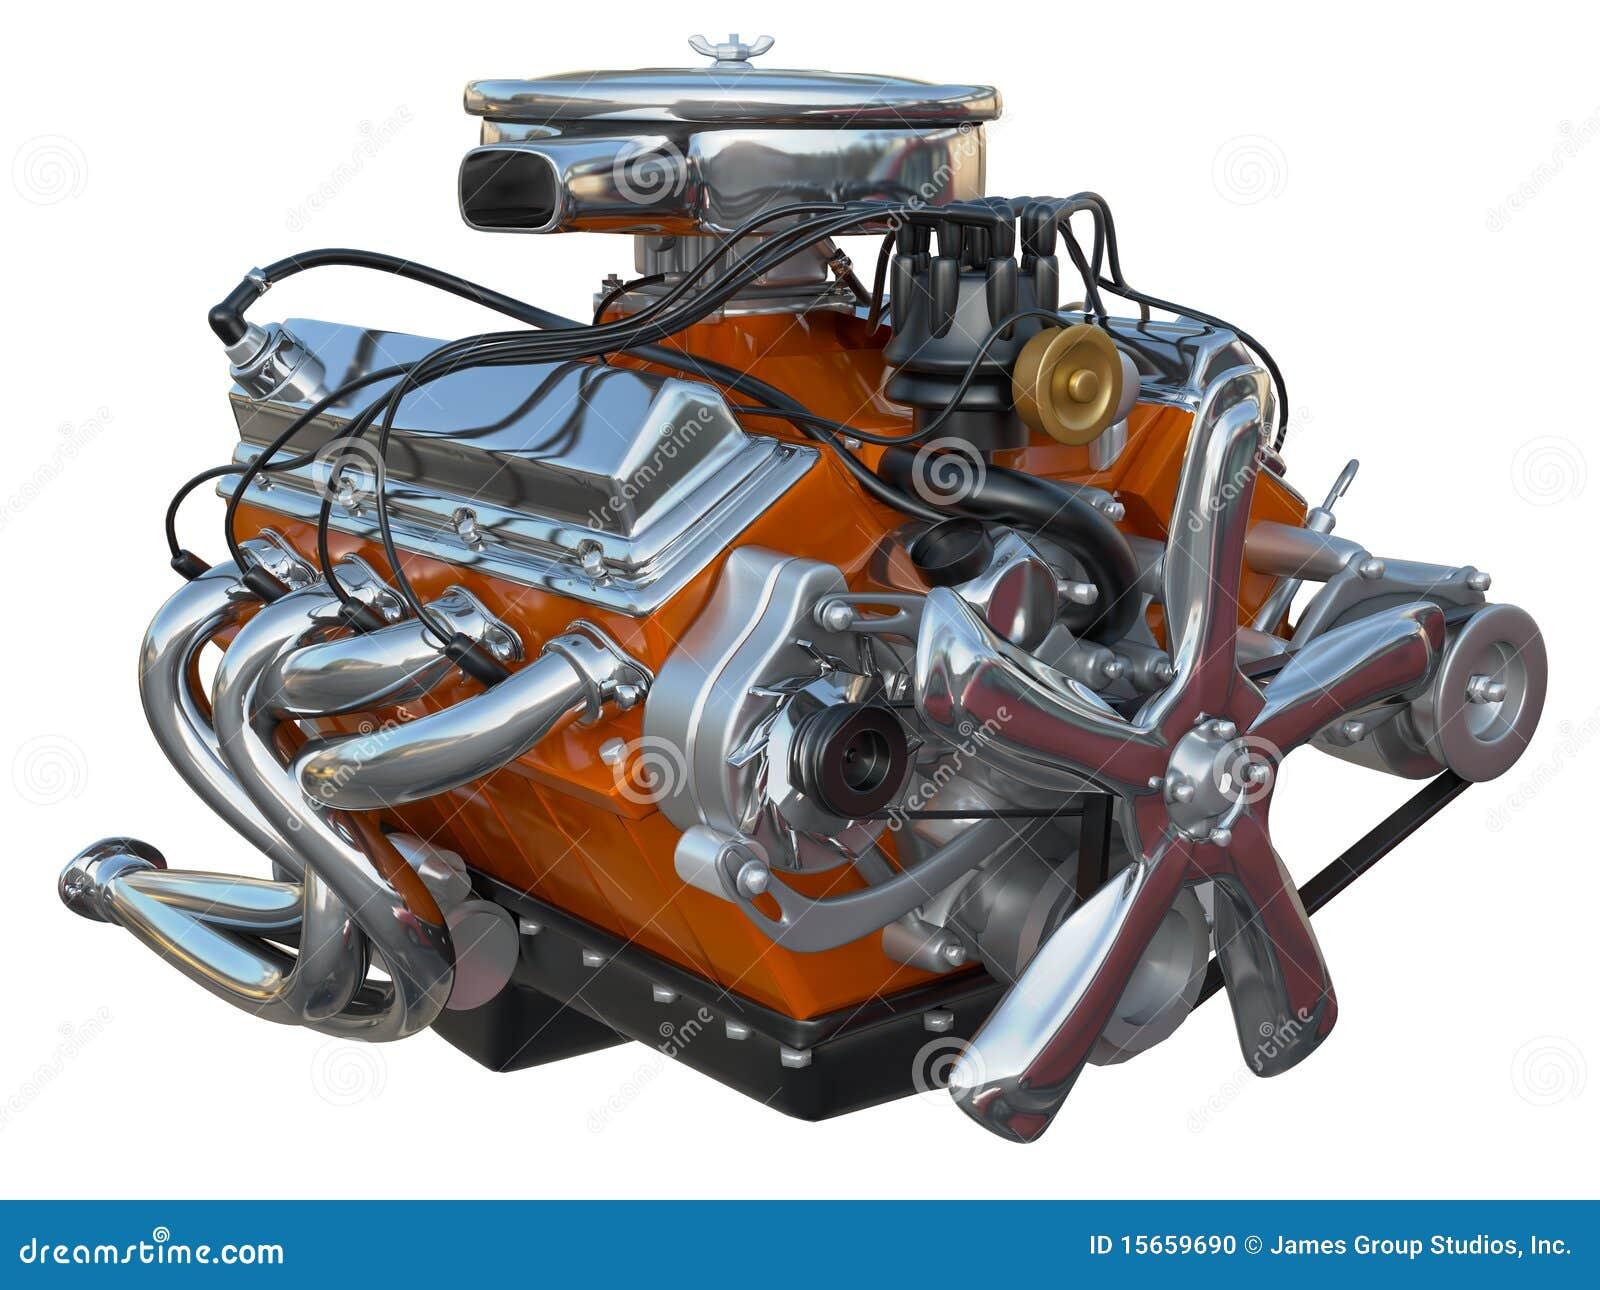 Großzügig Automobil Motorteile Bilder - Elektrische Schaltplan-Ideen ...